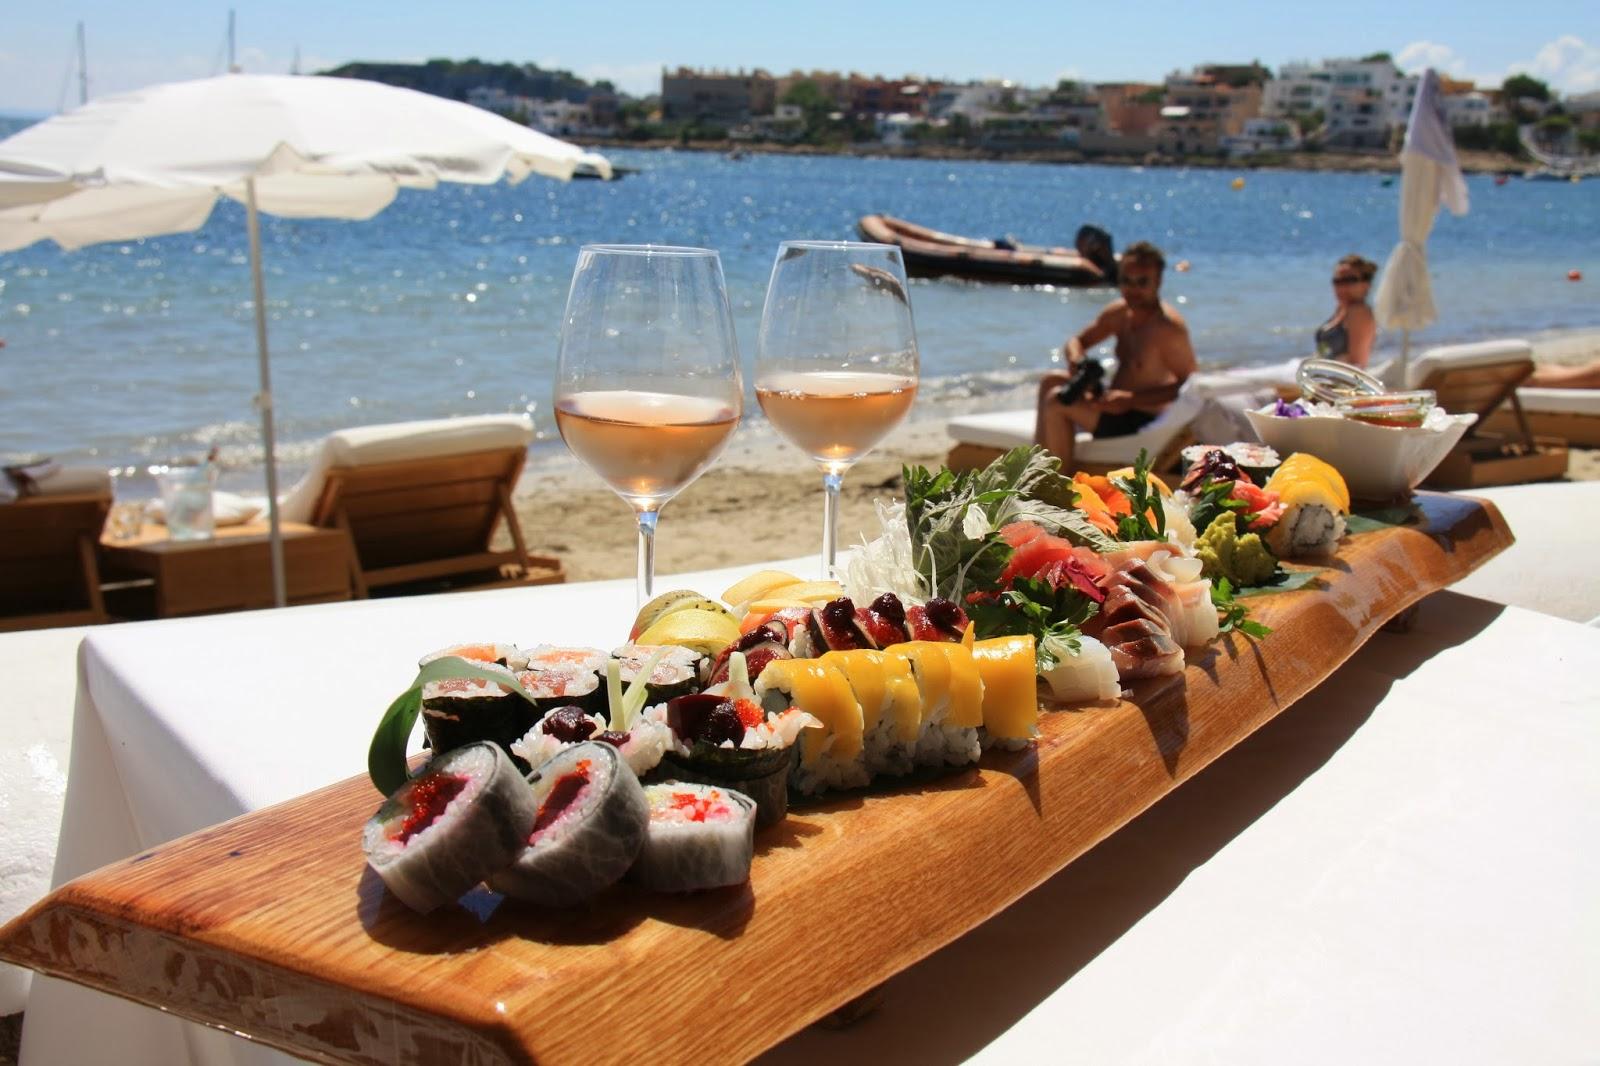 El observador solitario ibiza restaurante en el mar y fuego en la tierra - Restaurantes en el puerto de ibiza ...